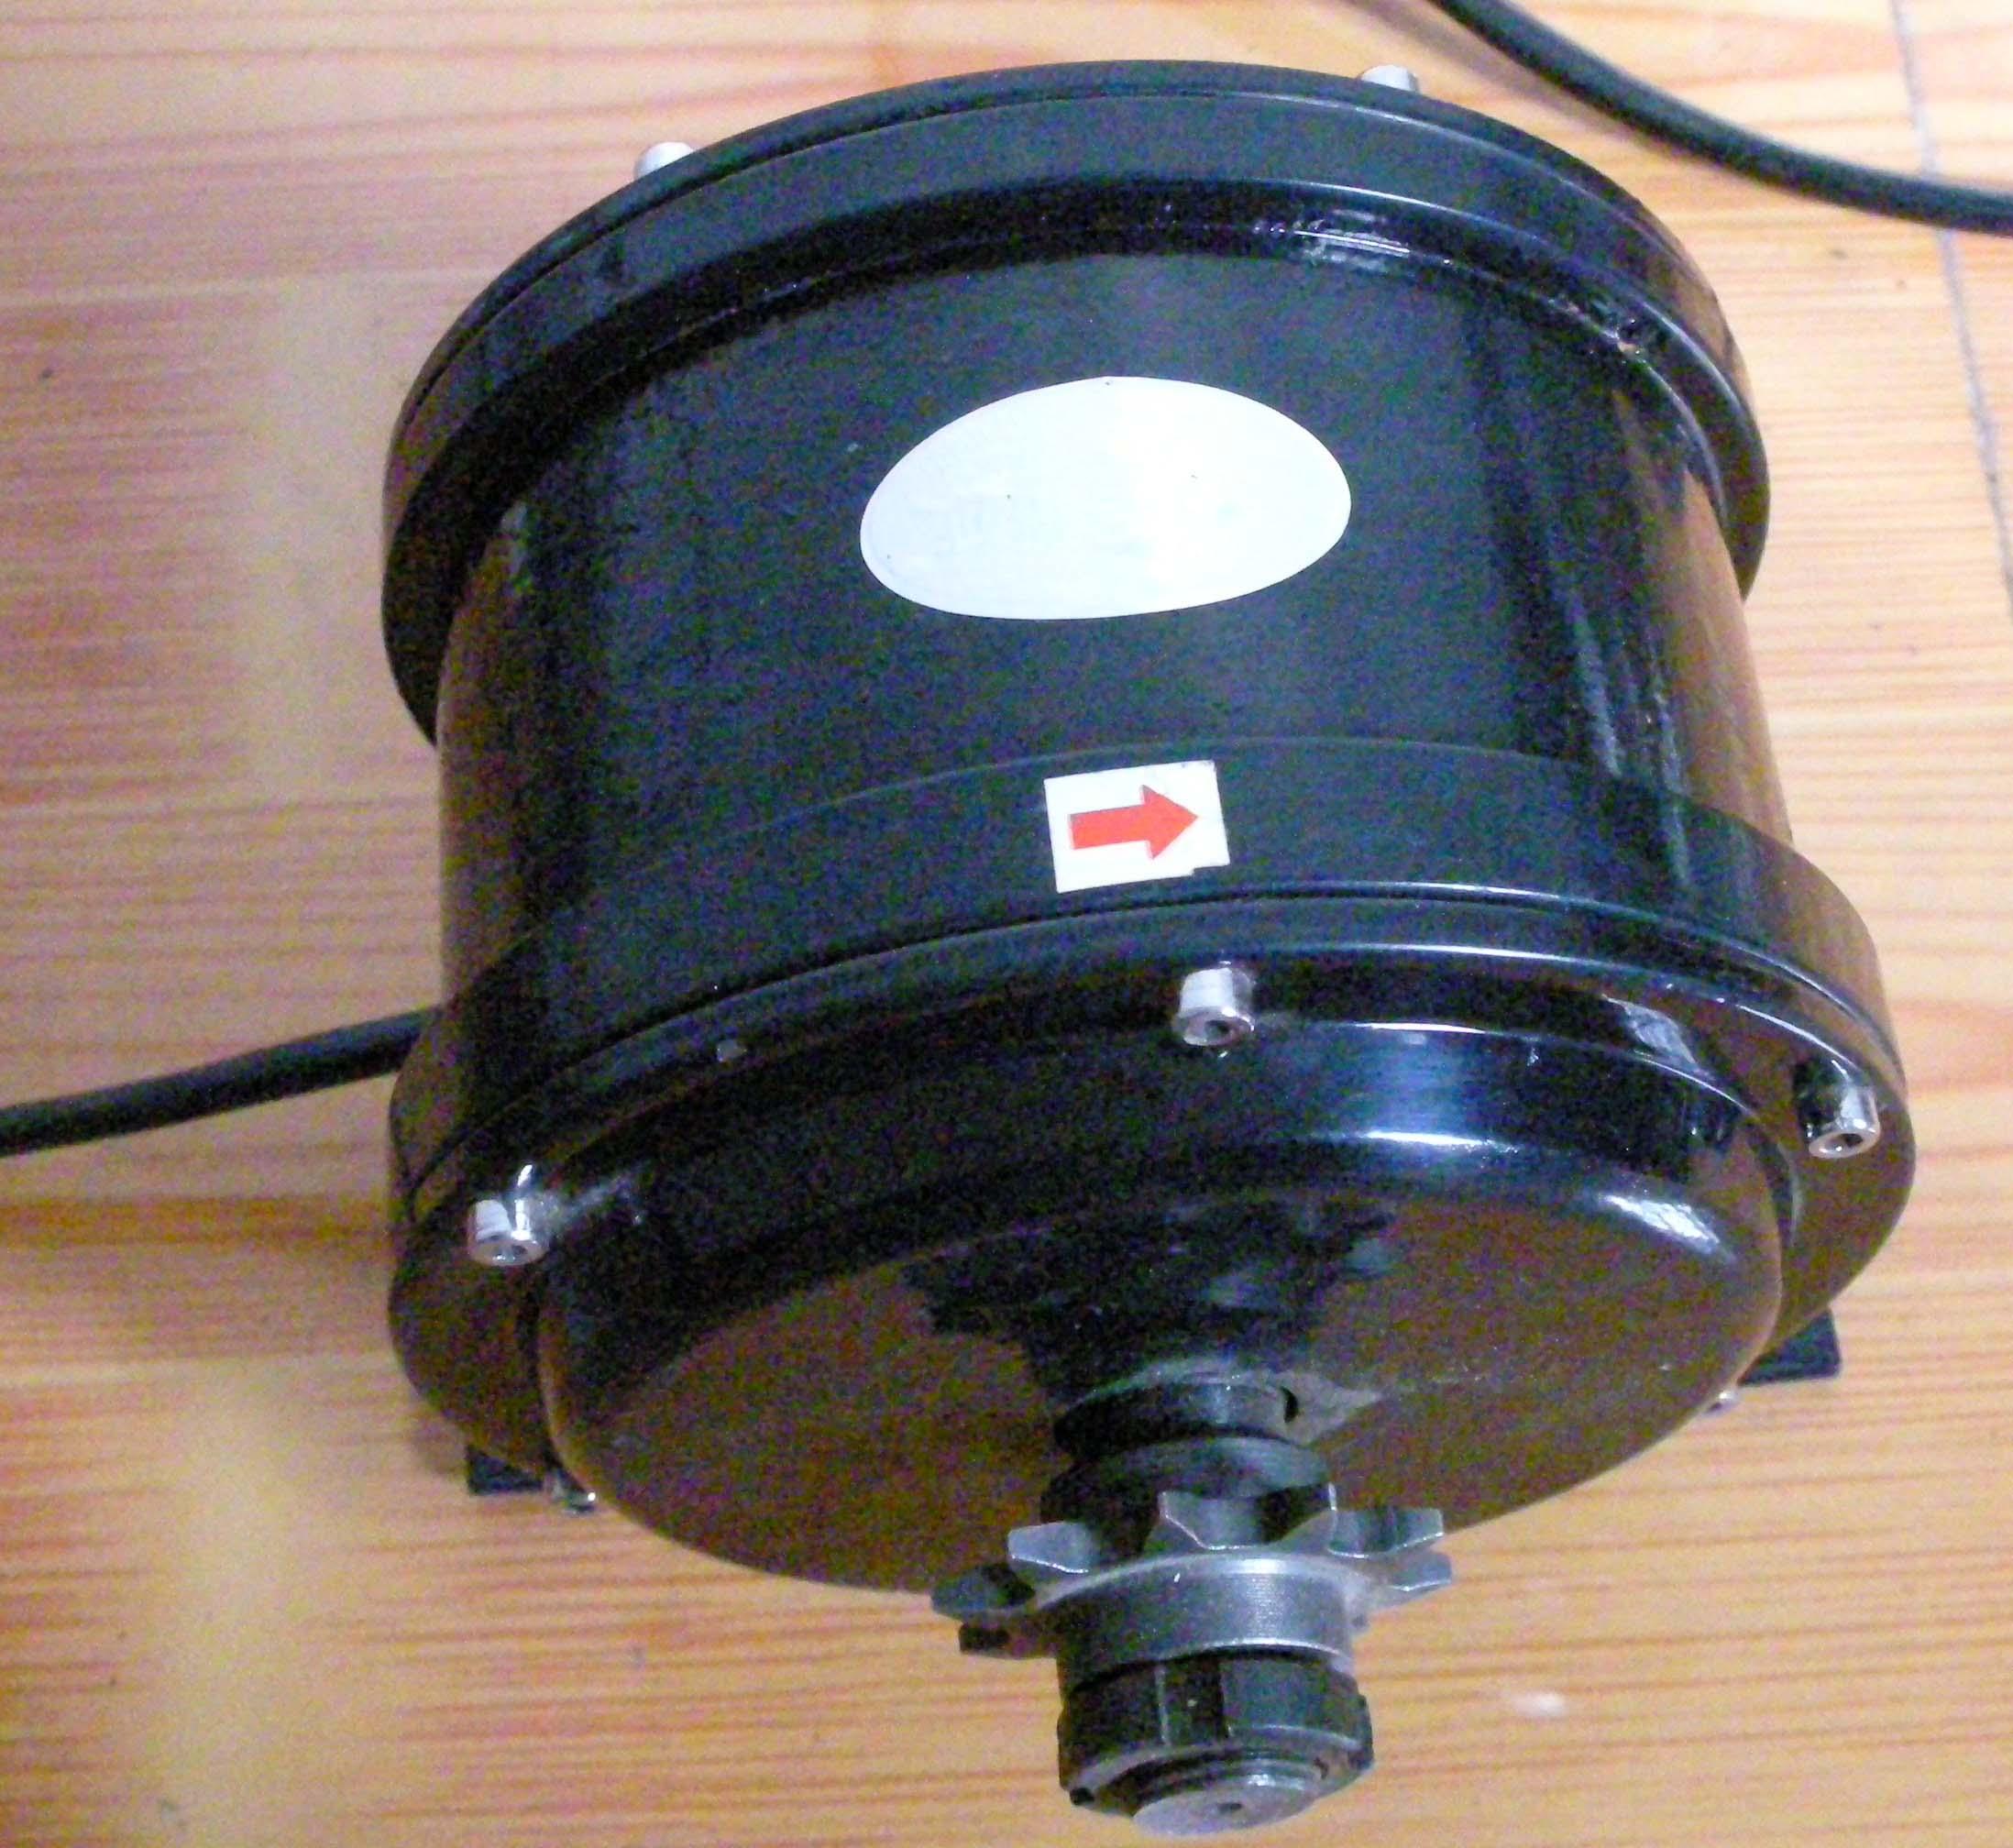 Brushless dc motor sxz 250w 1000w by yongkang success for 1000w brushless dc motor